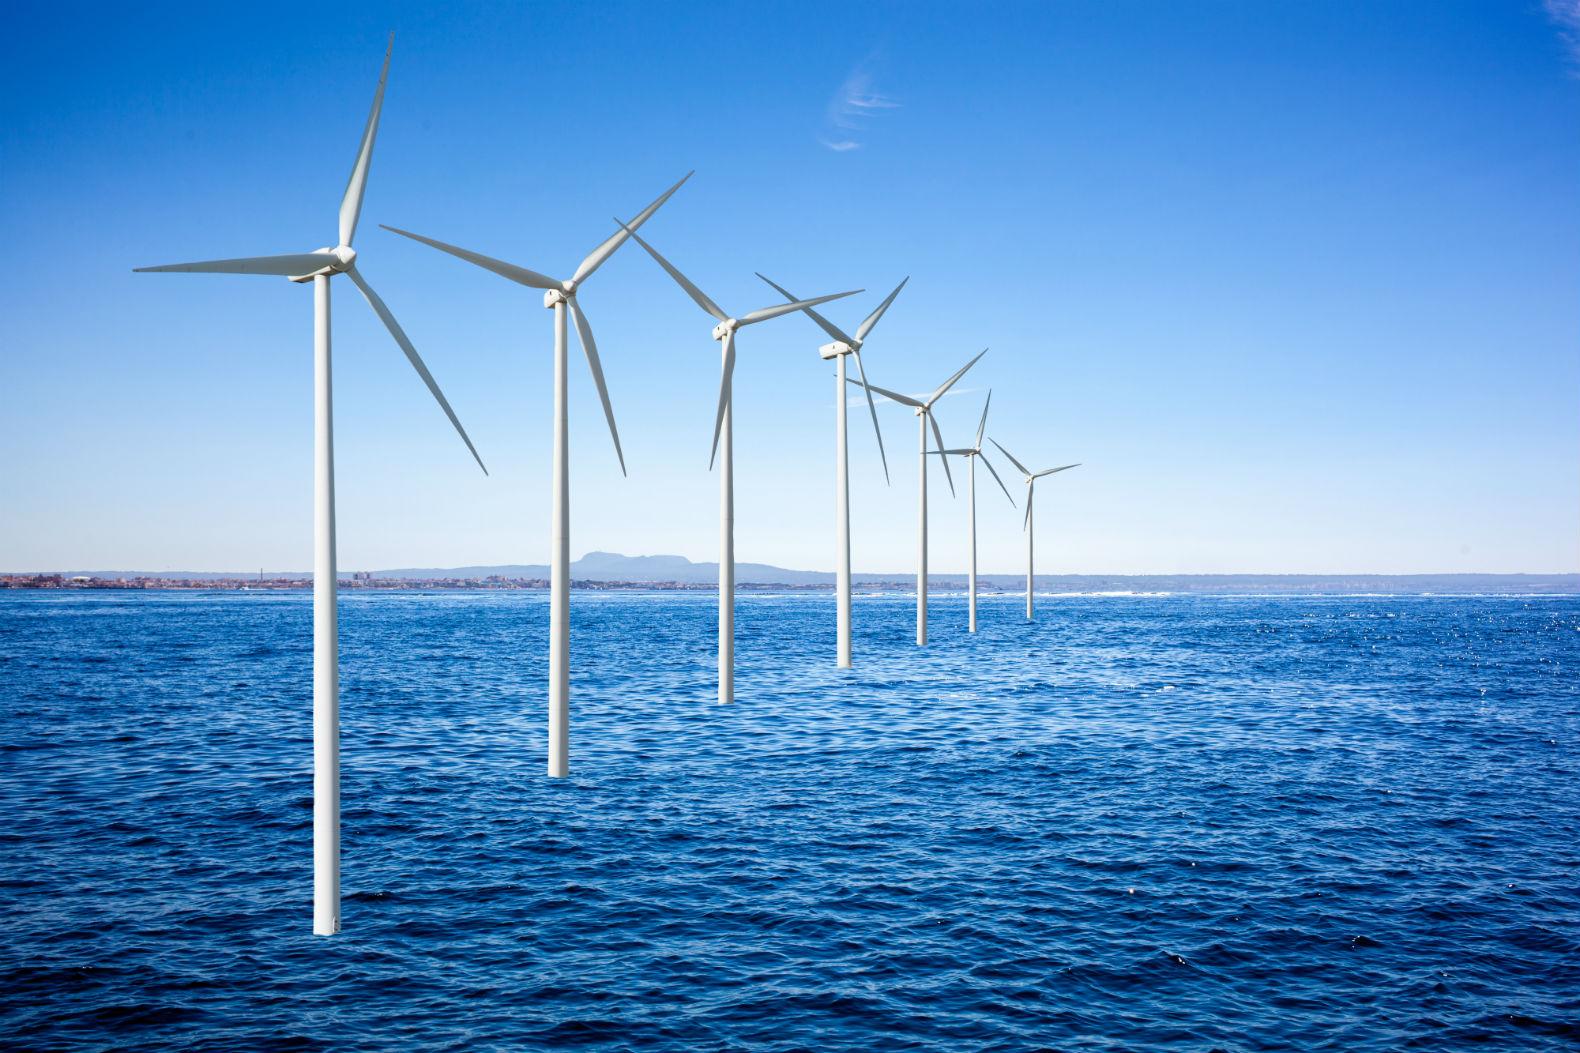 Khánh thành nhà máy điện gió lớn nhất thế giới ở Anh